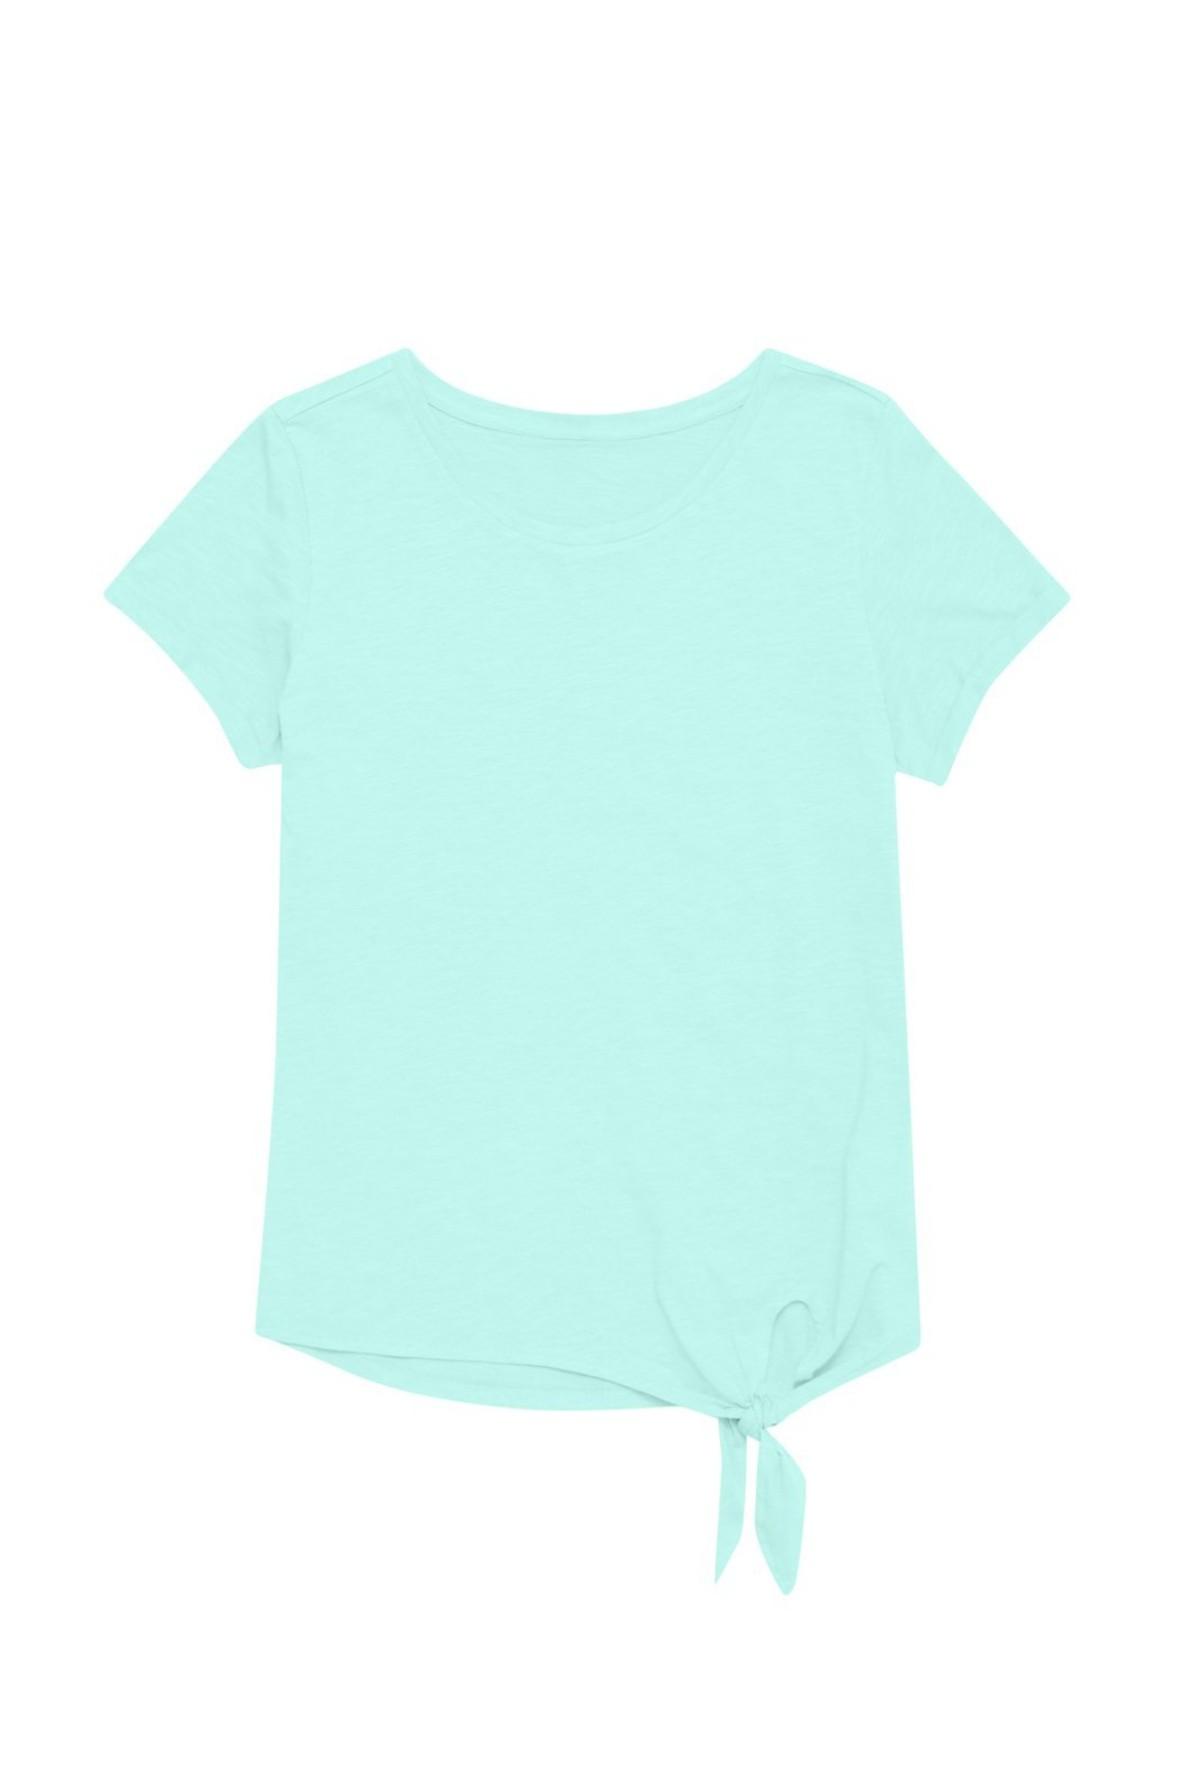 Bawełniany niebieski T-shirt damski na krótki rękaw z ozdobnym wiązaniem